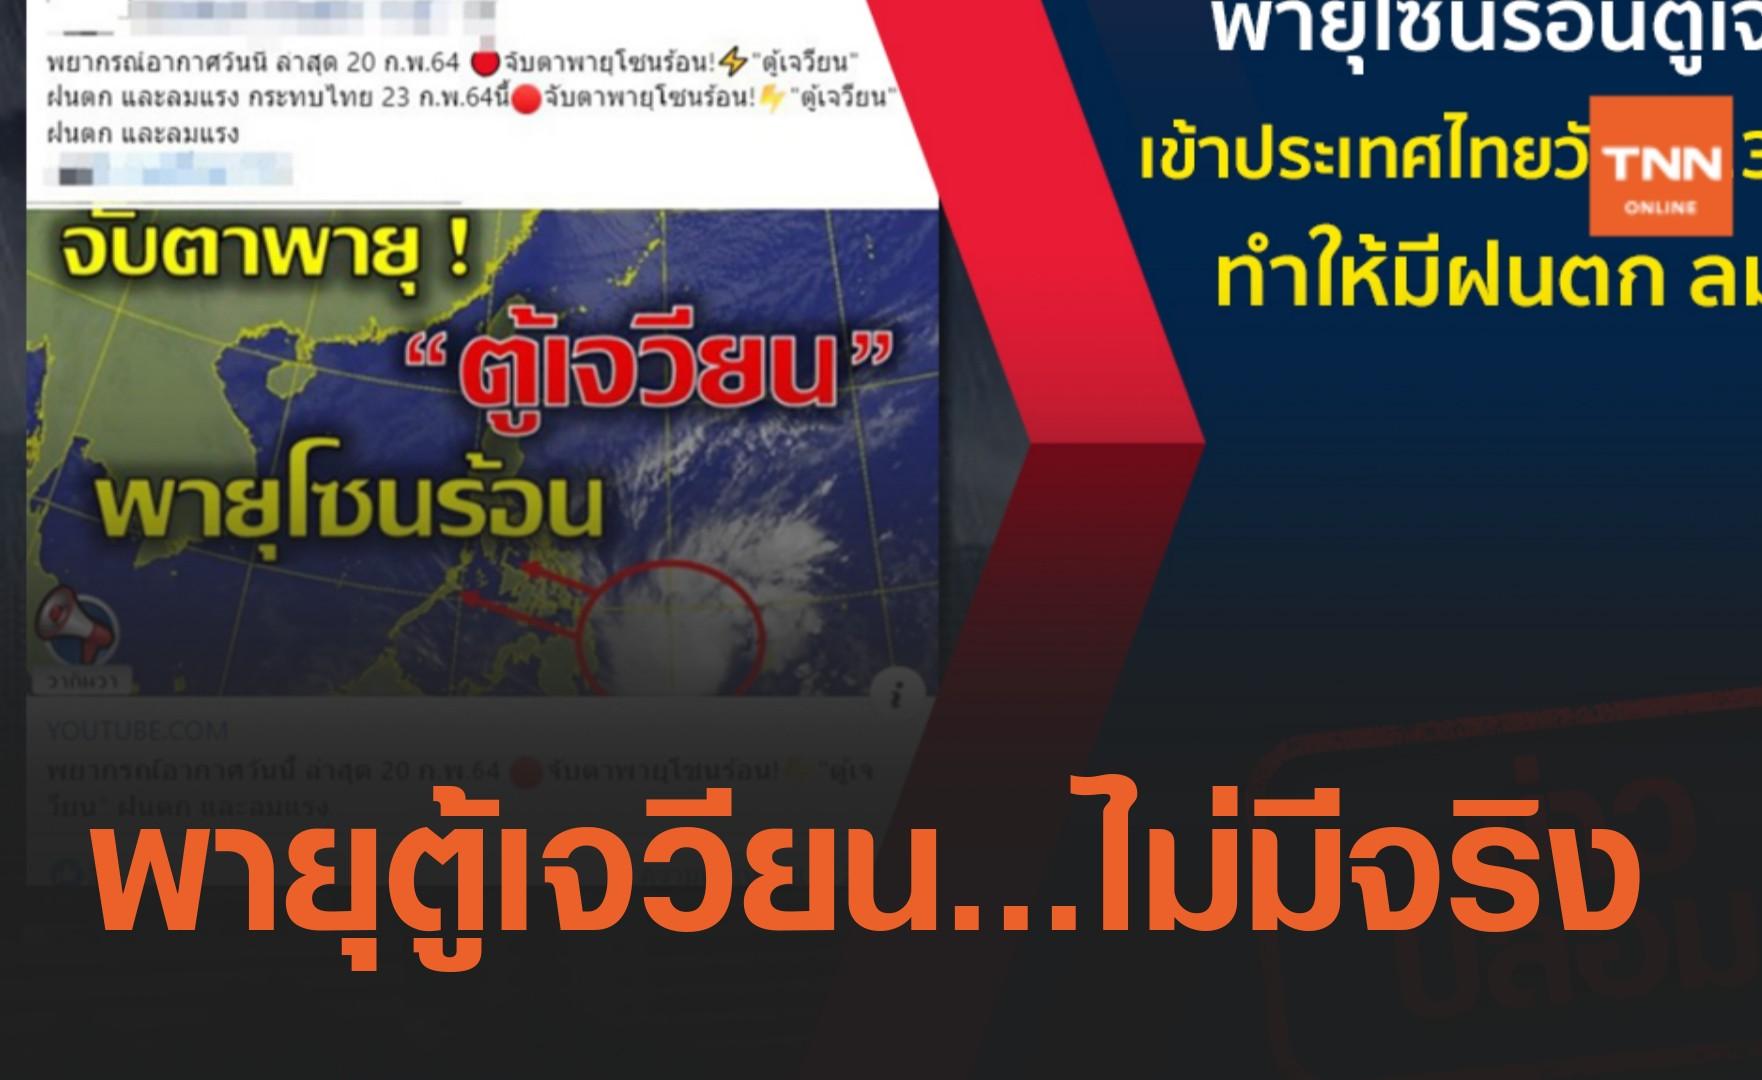 ข่าวปลอม อย่าแชร์! พายุโซนร้อนตู้เจวียน เข้าประเทศไทยวันที่ 23 ก.พ.นี้